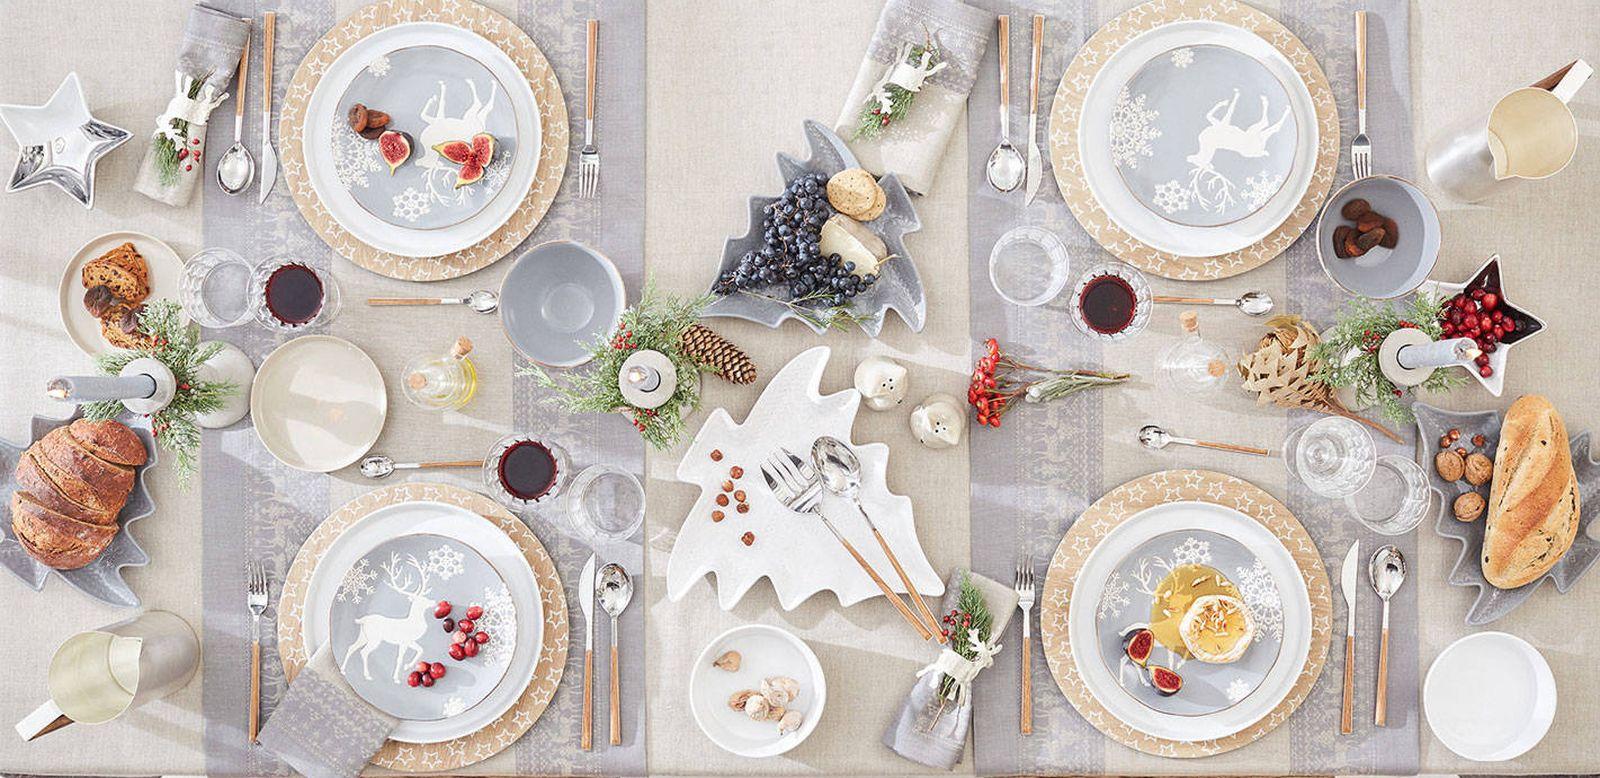 Navidad protocolo en la mesa de navidad qu s y qu no for Vajillas para navidad